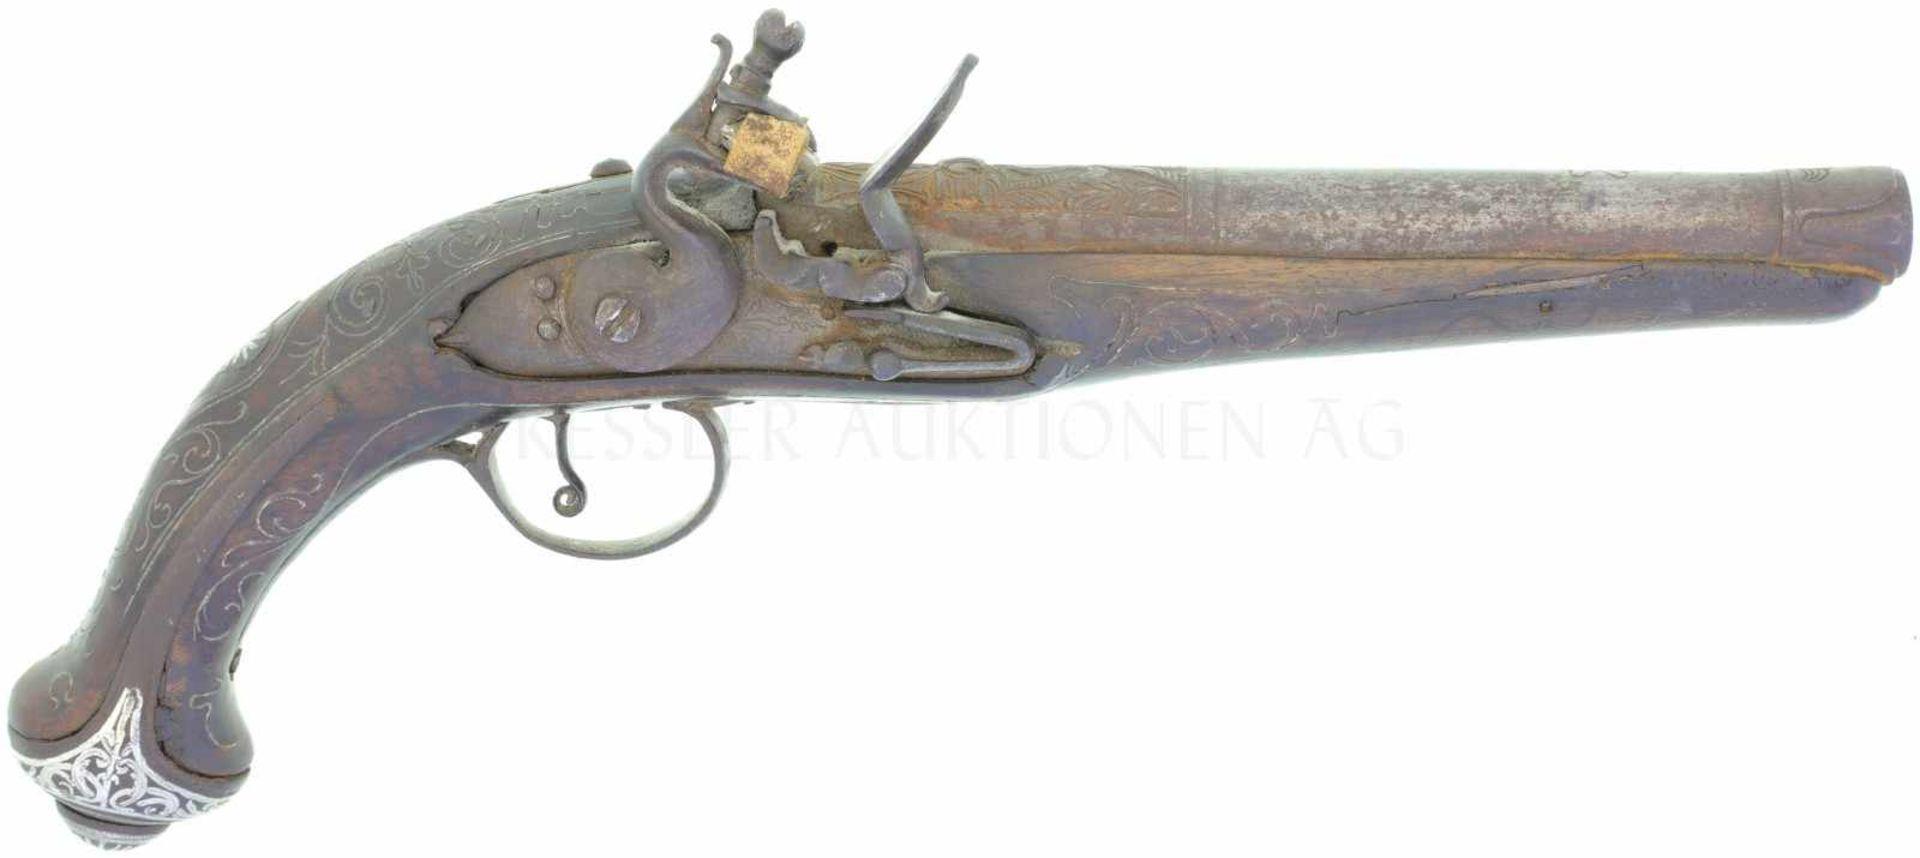 Steinschloss-Reisepistole Italienisch für den arabischen Markt, Kal. 14mm<